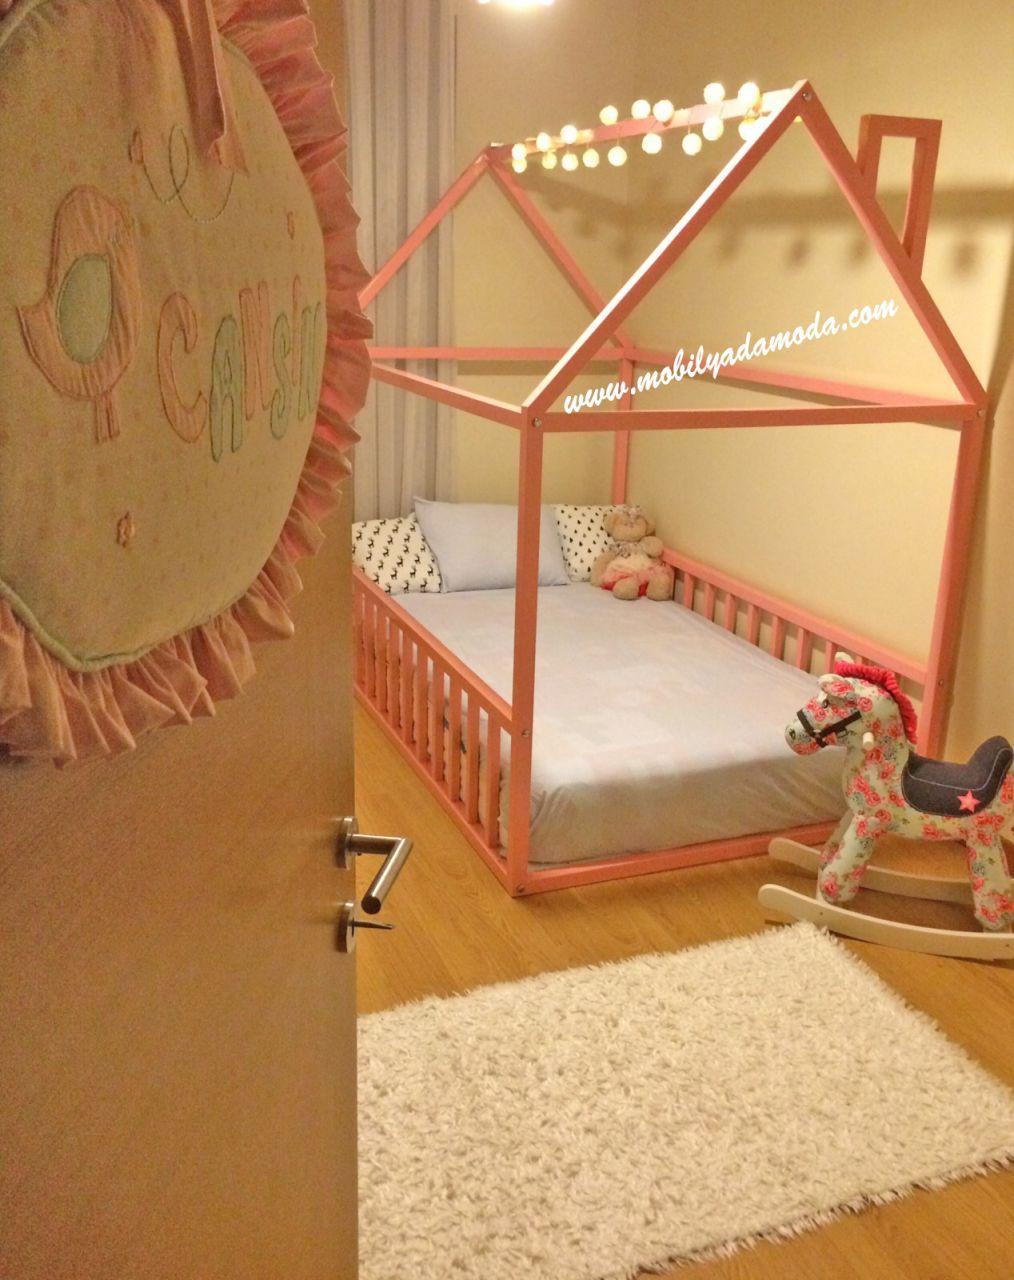 Full Size of Montessori Yer Yata Bacal 120x190 Spielzimmer Funktions Bett 200x200 2m X Weiß 100x200 Kaufen Hamburg Günstig Luxus Betten Jabo 90x200 Mit Schubladen 120x200 Bett Bett 120x190